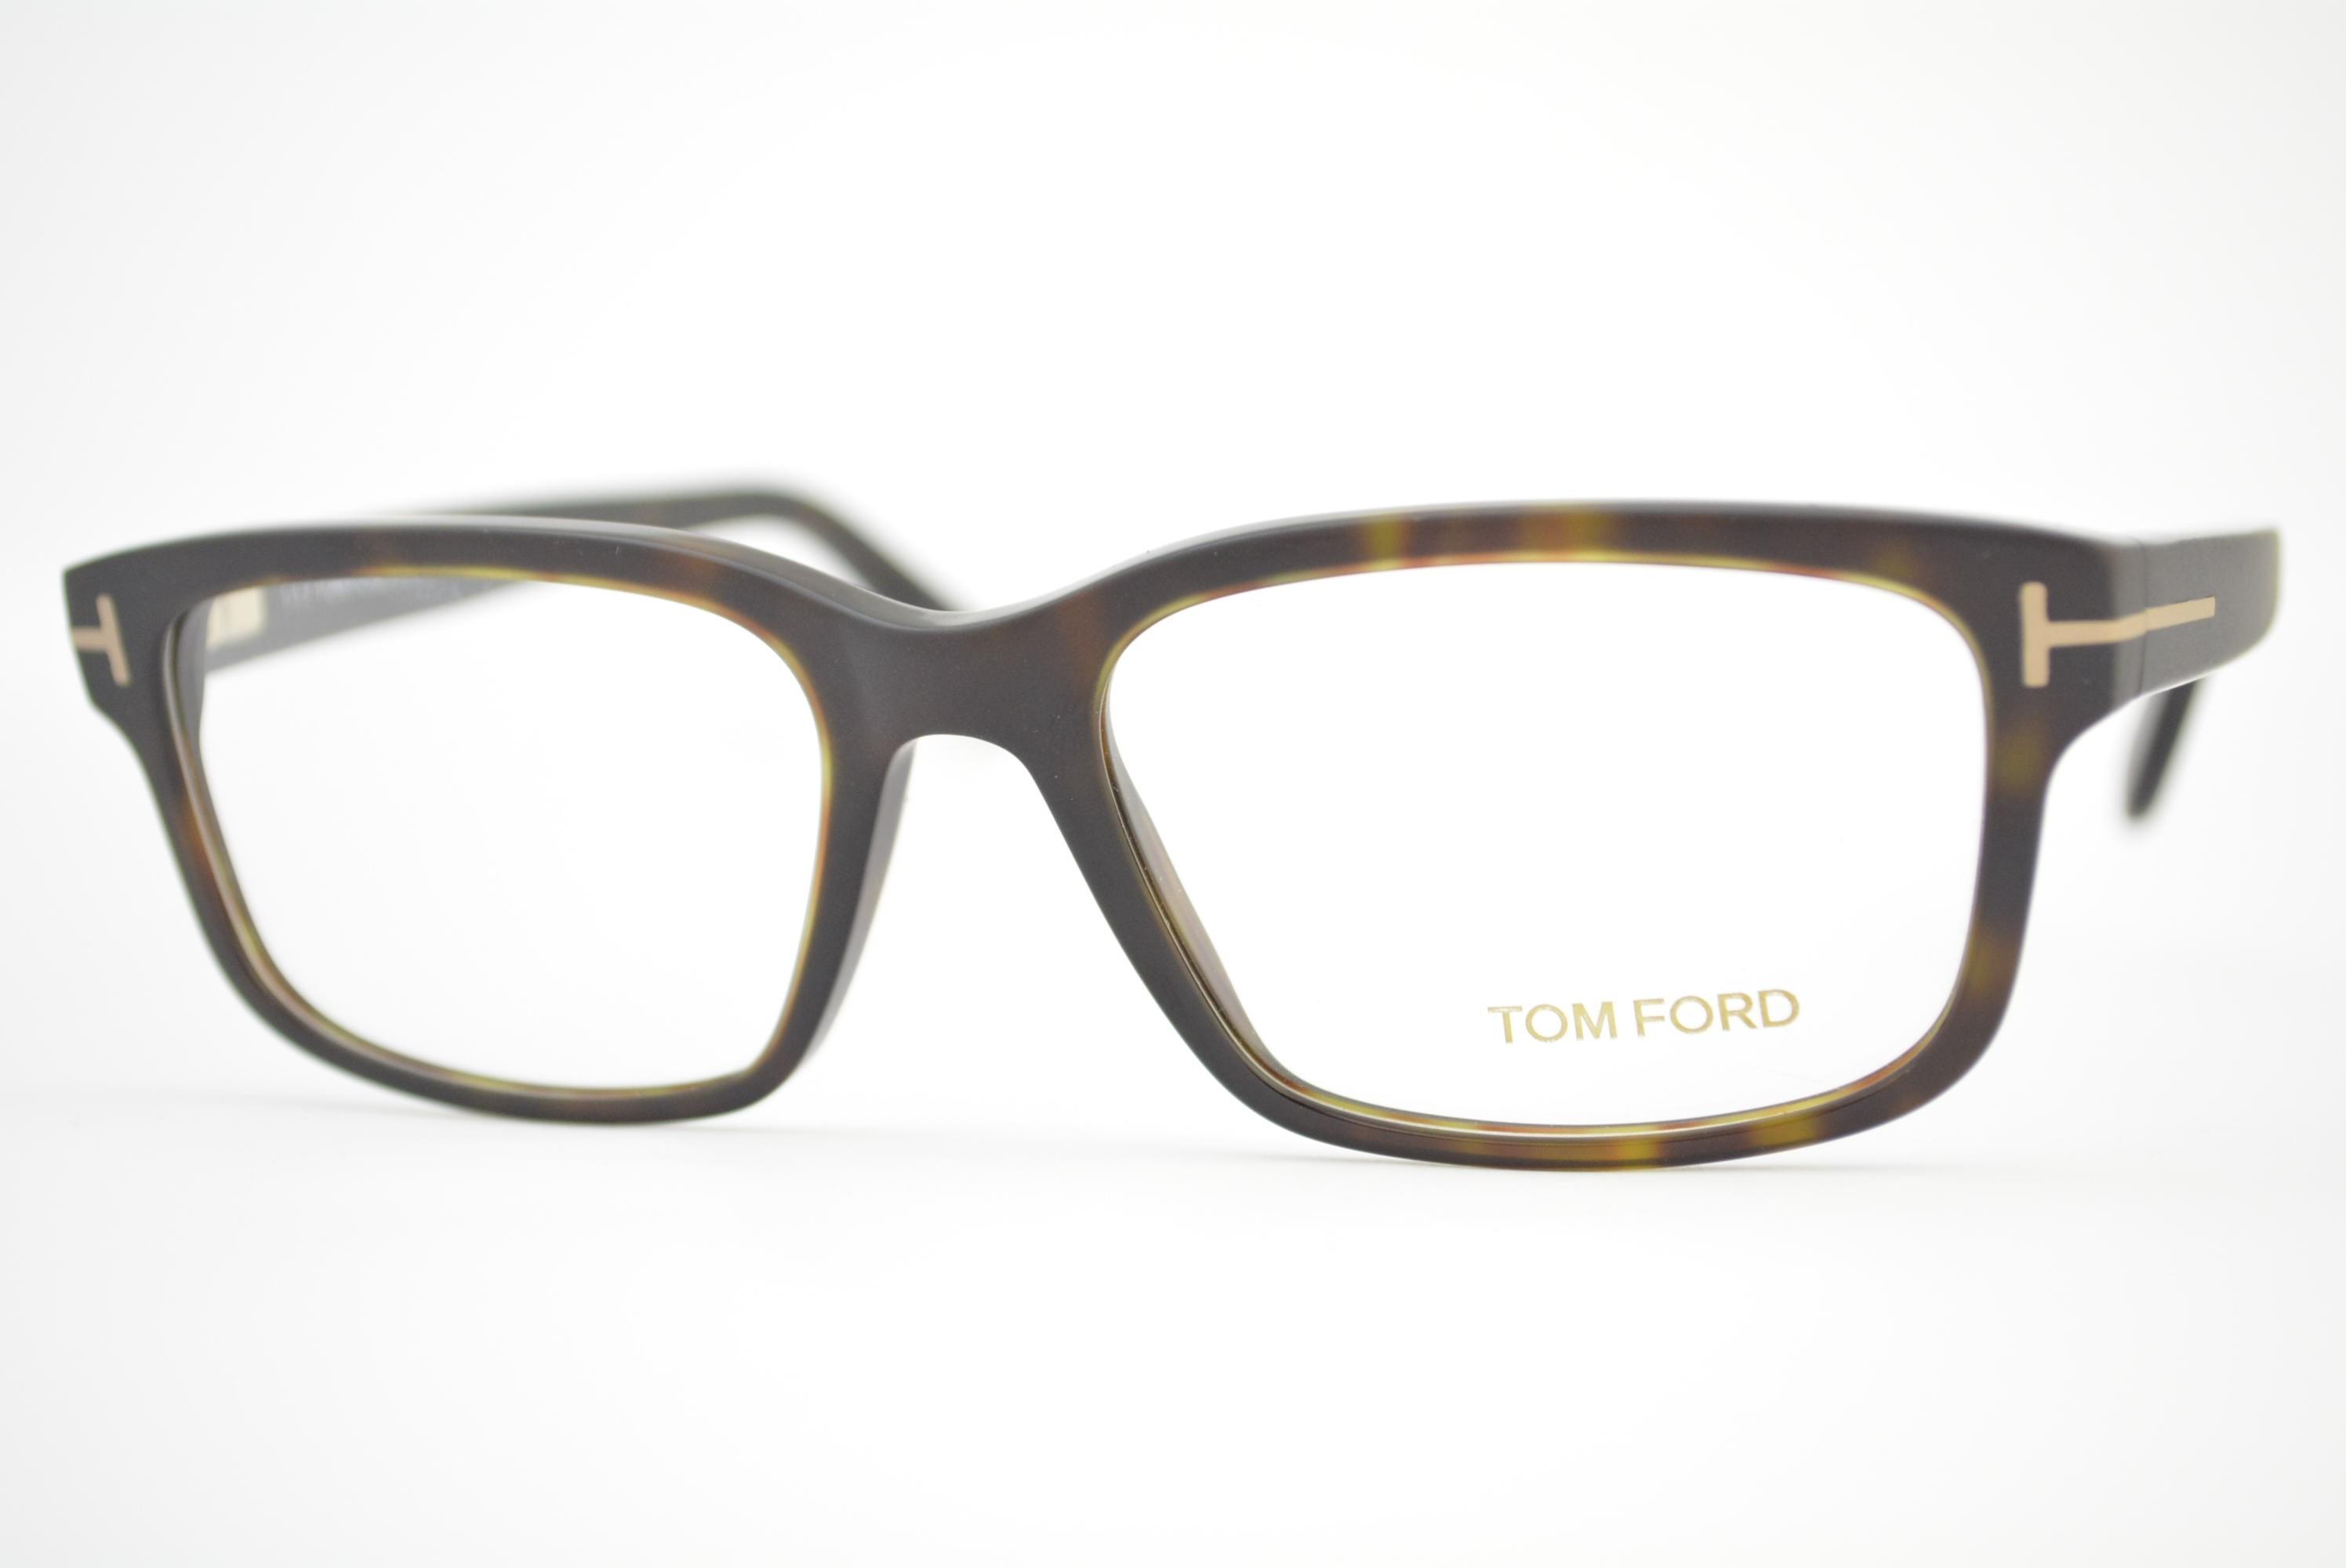 53203914a armação de óculos Tom Ford mod TF5313 052 Ótica Cardoso